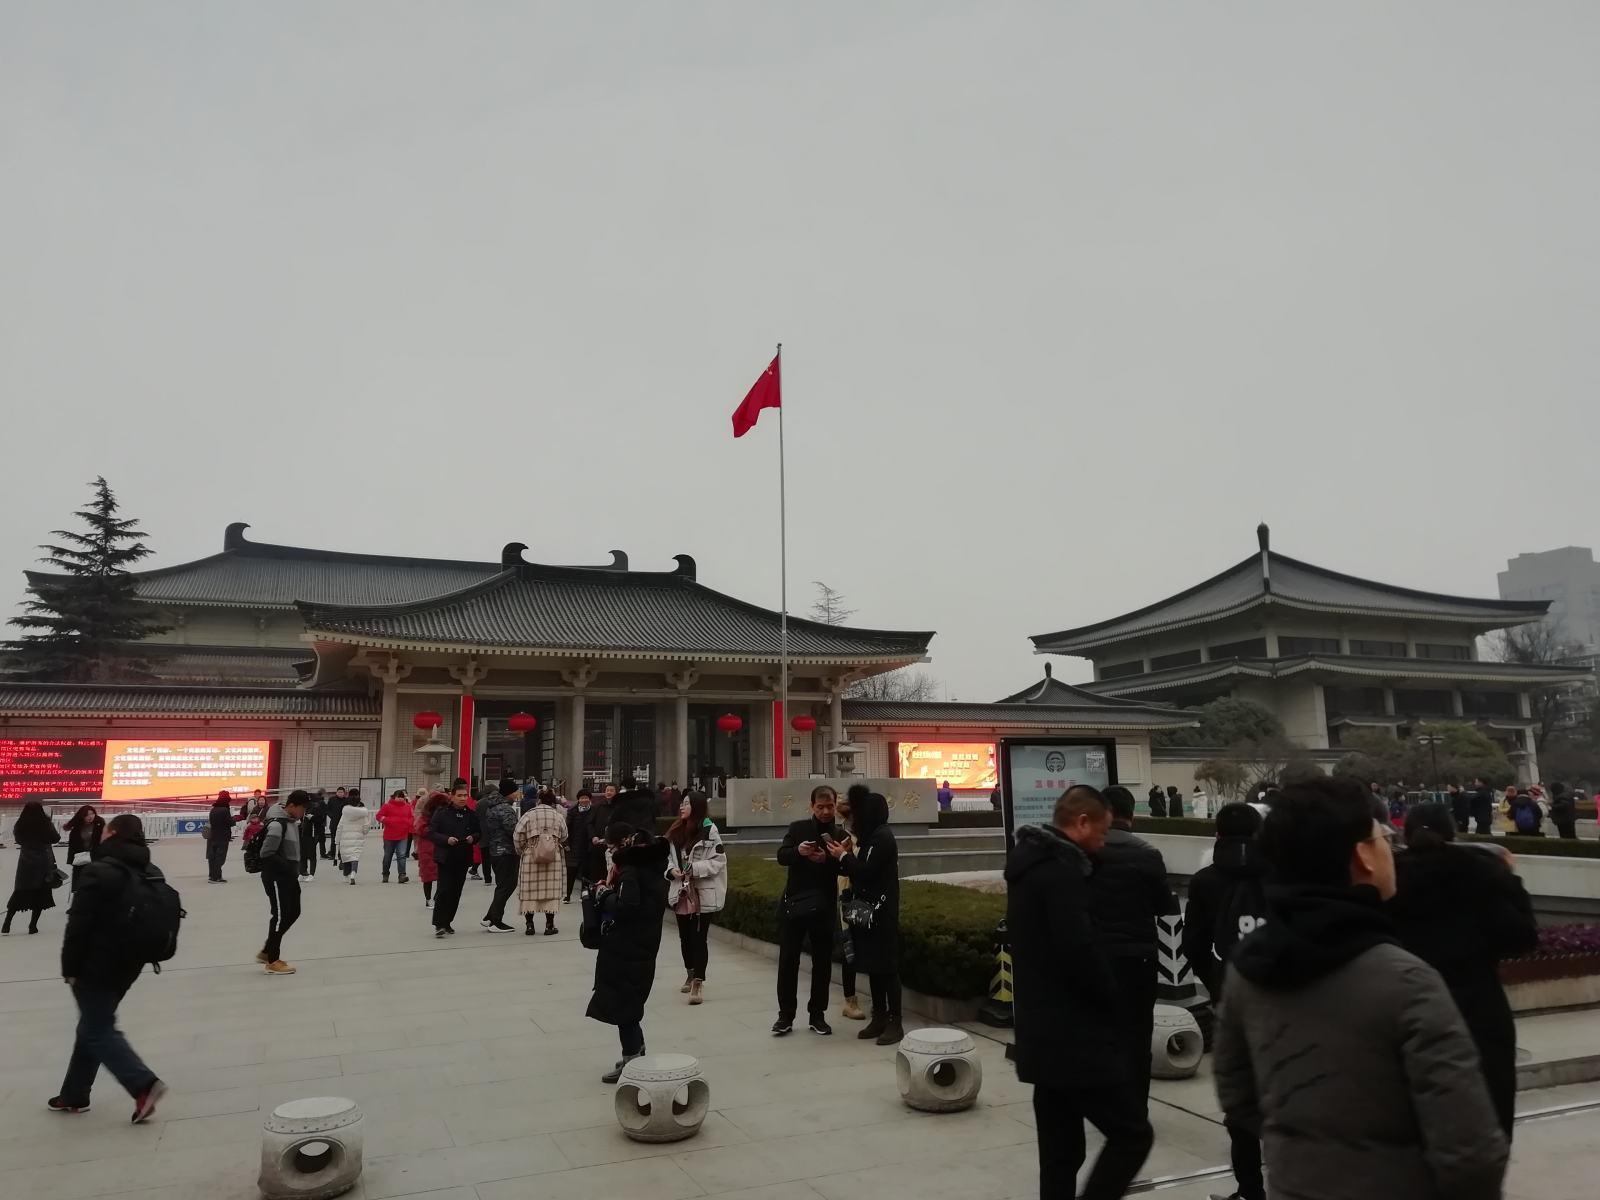 雷行记:清明节来西安旅游,去陕西历史博物馆要提前预约门票!